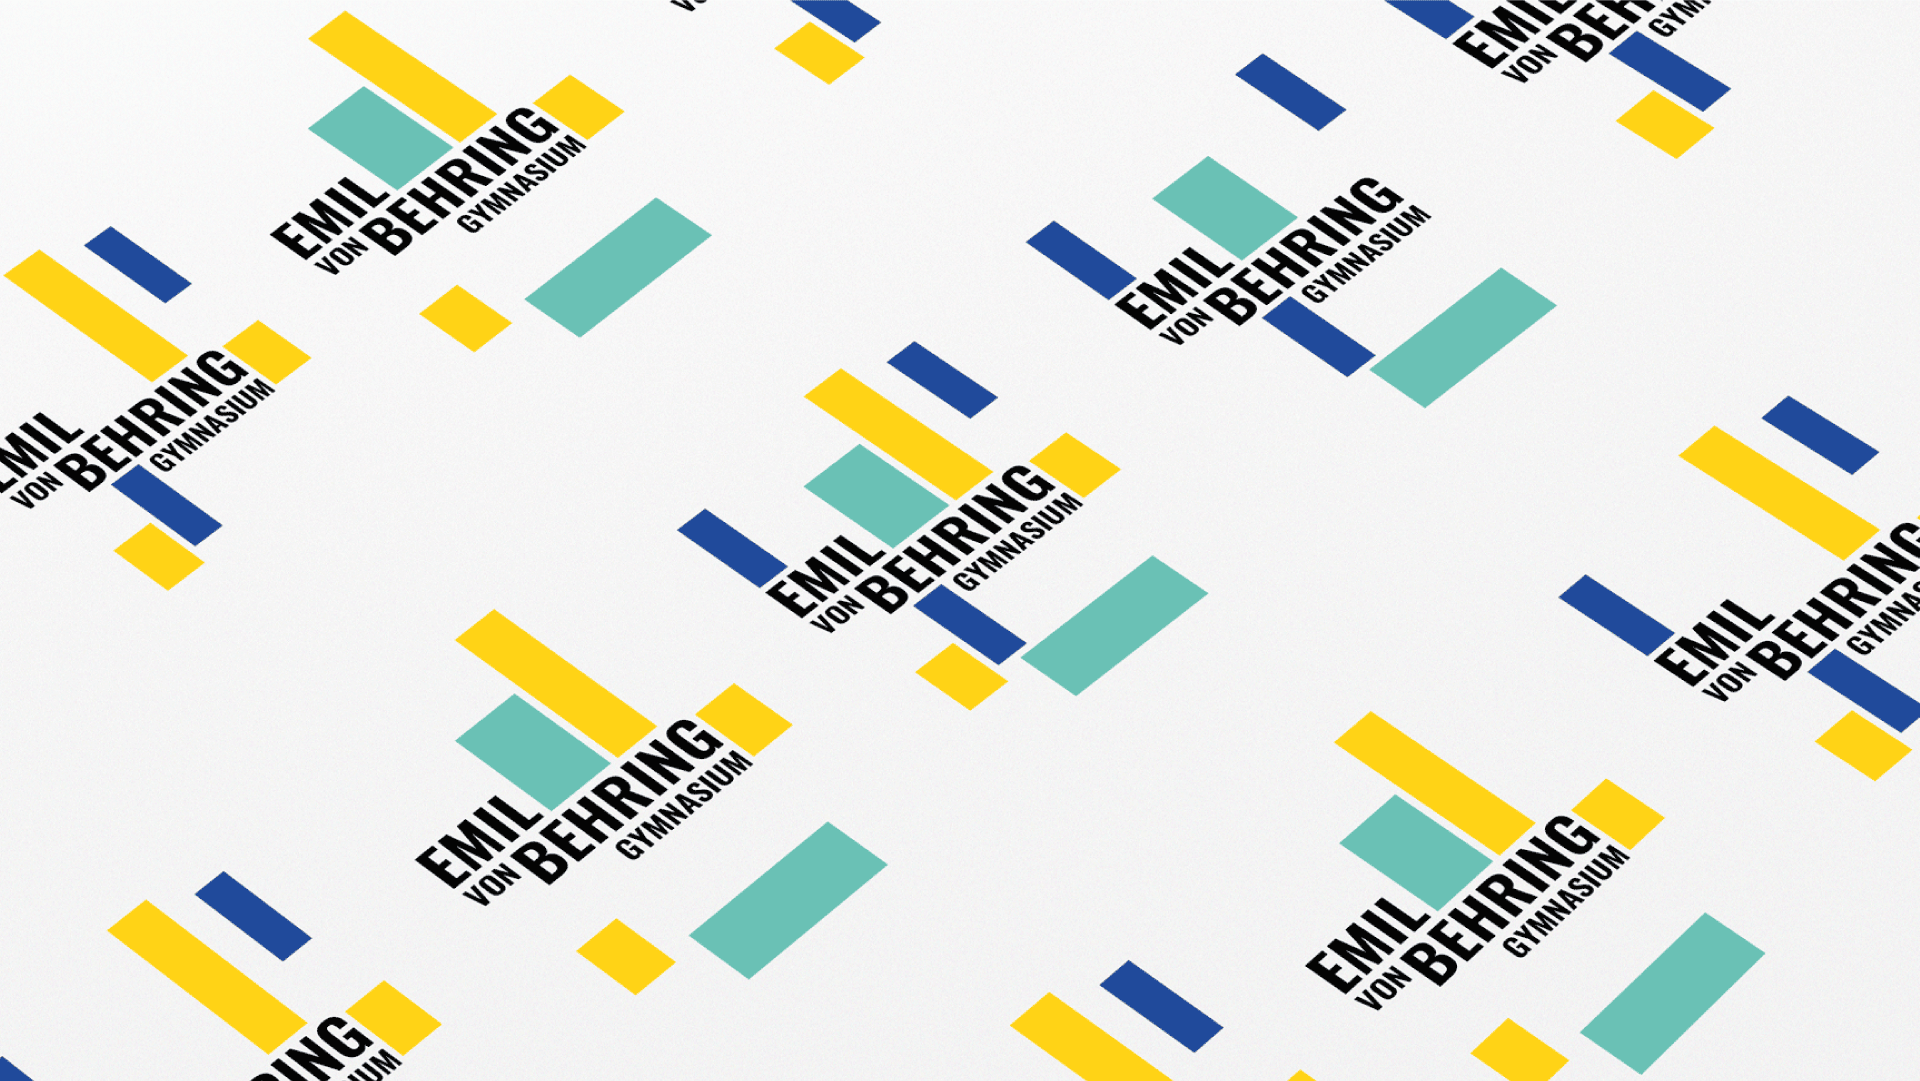 Emil-von-Behring Gynmasium Logoaufbau 2